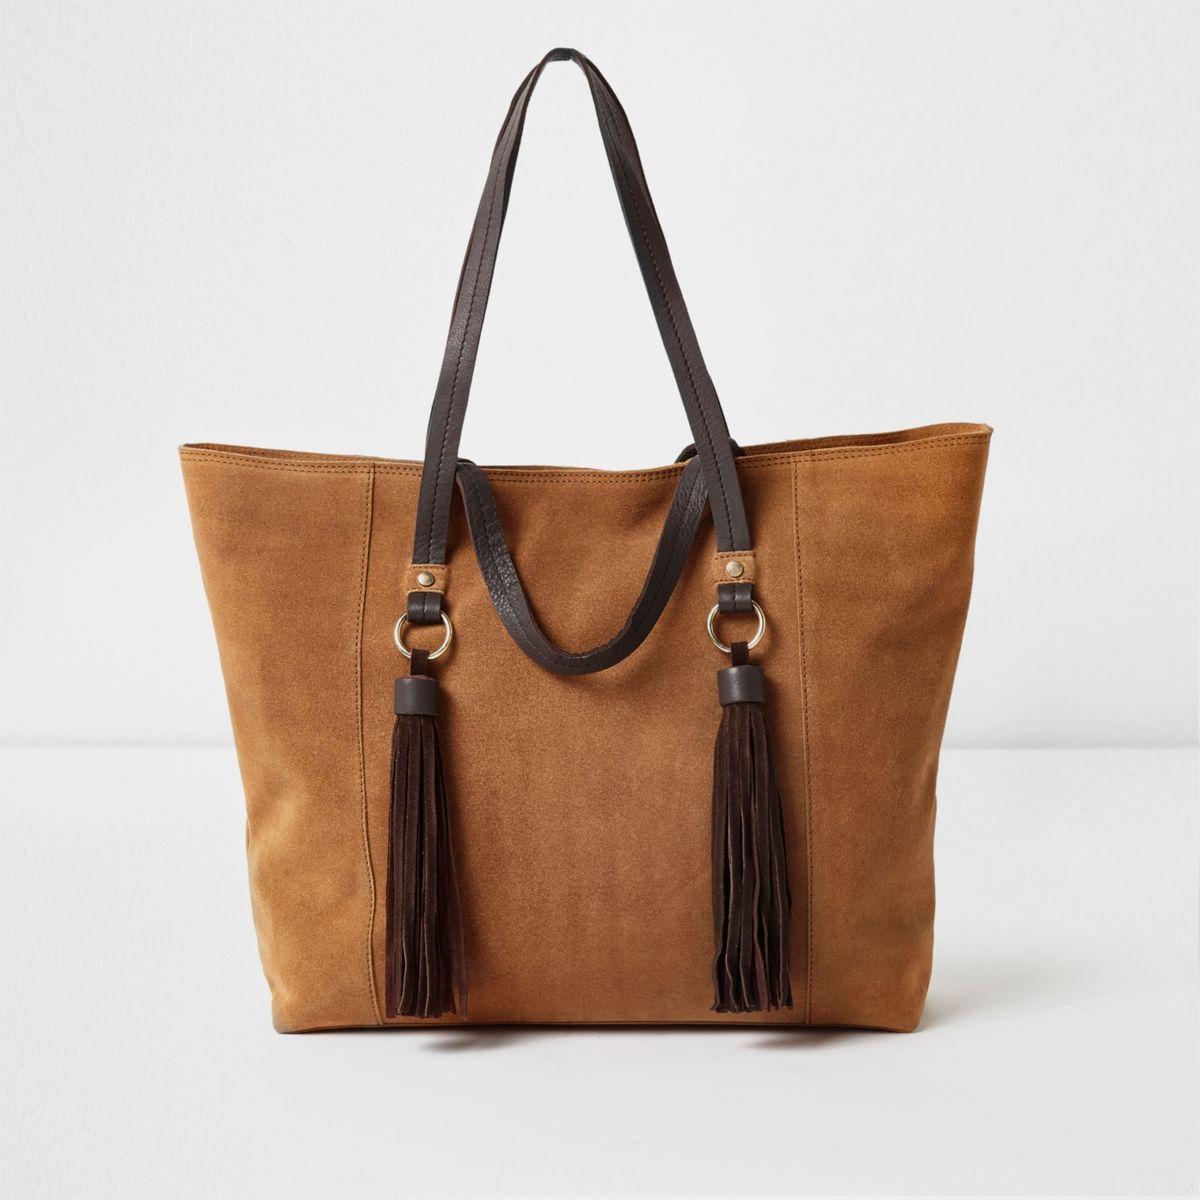 Tan suede tassel handle large tote bag